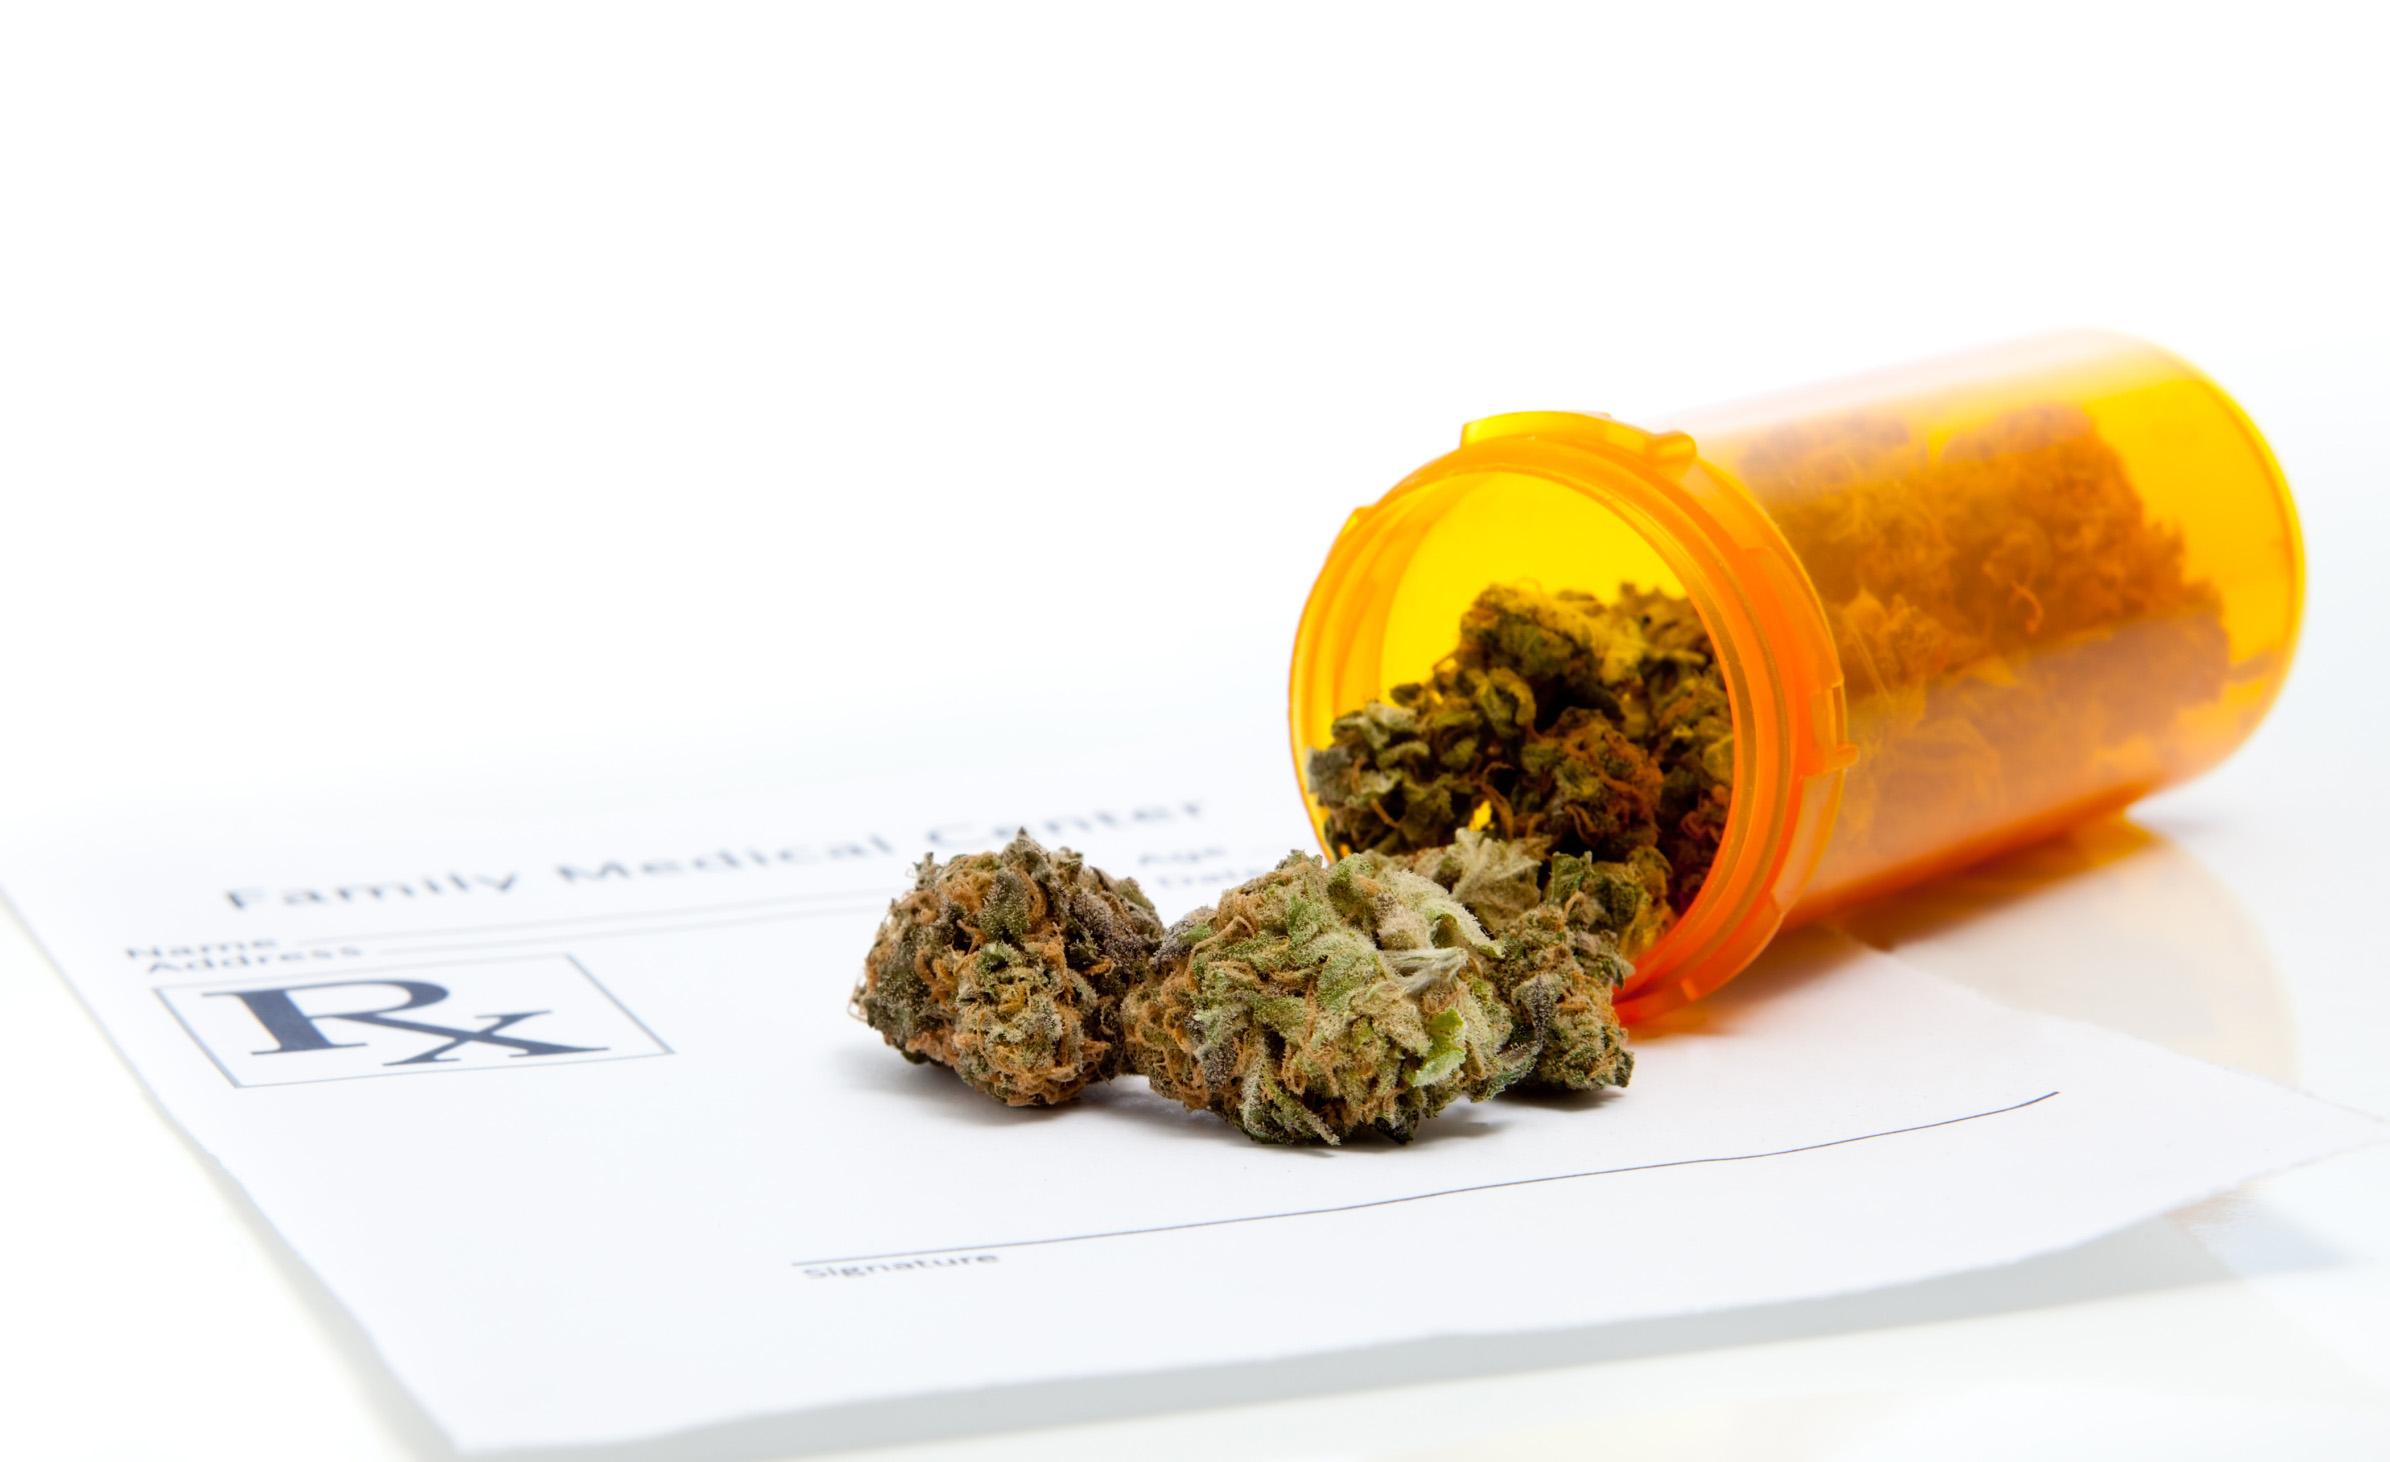 La cannabis può peggiorare i sintomi del disturbo bipolare